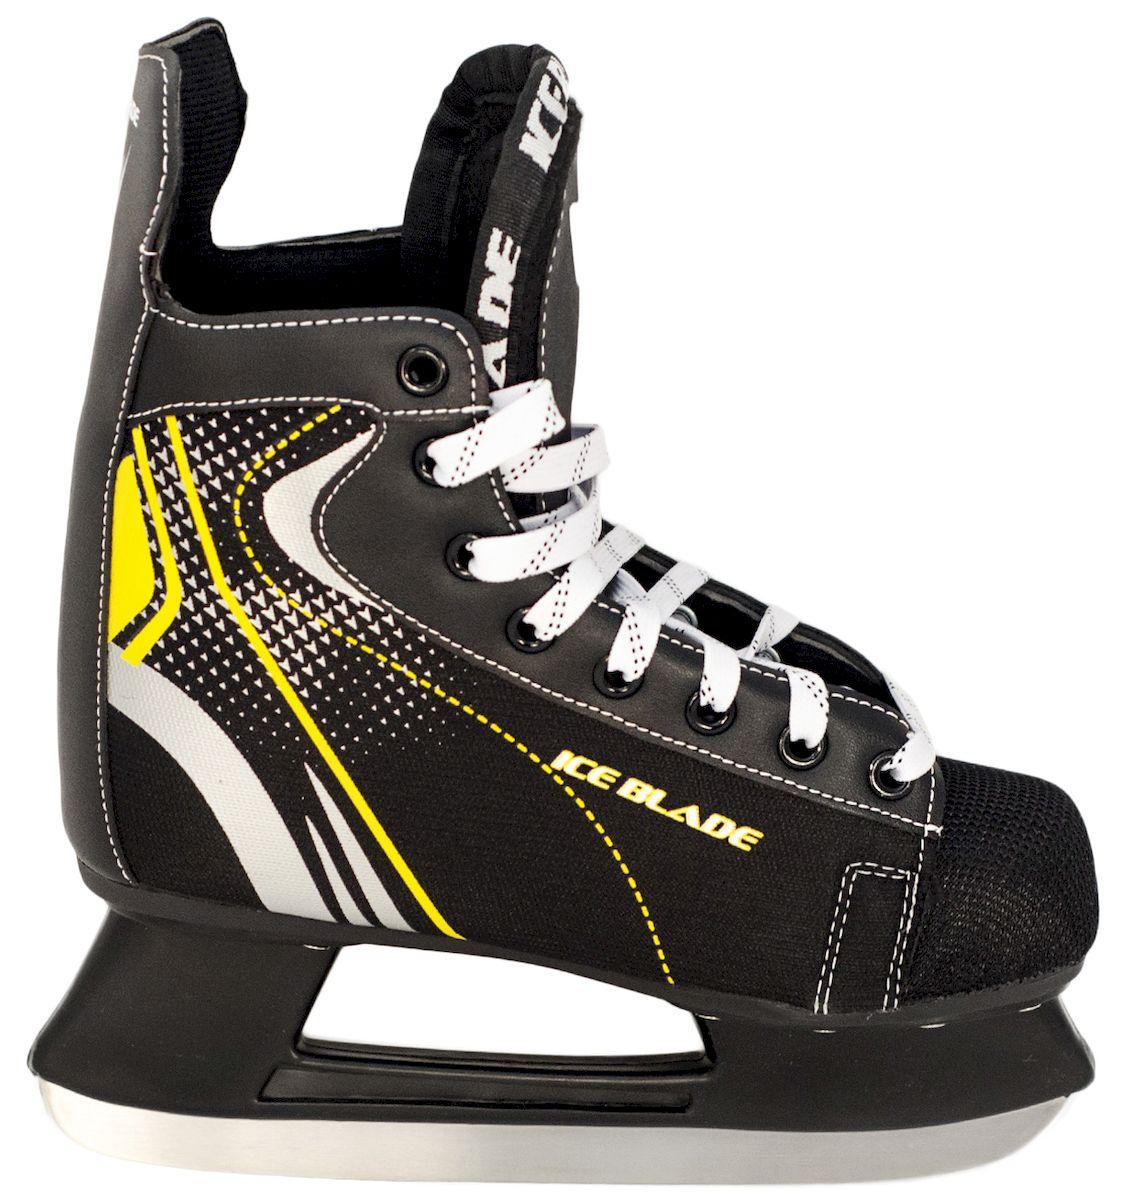 Коньки хоккейные Ice Blade Shark, цвет: черный, желтый. УТ-00006841. Размер 36